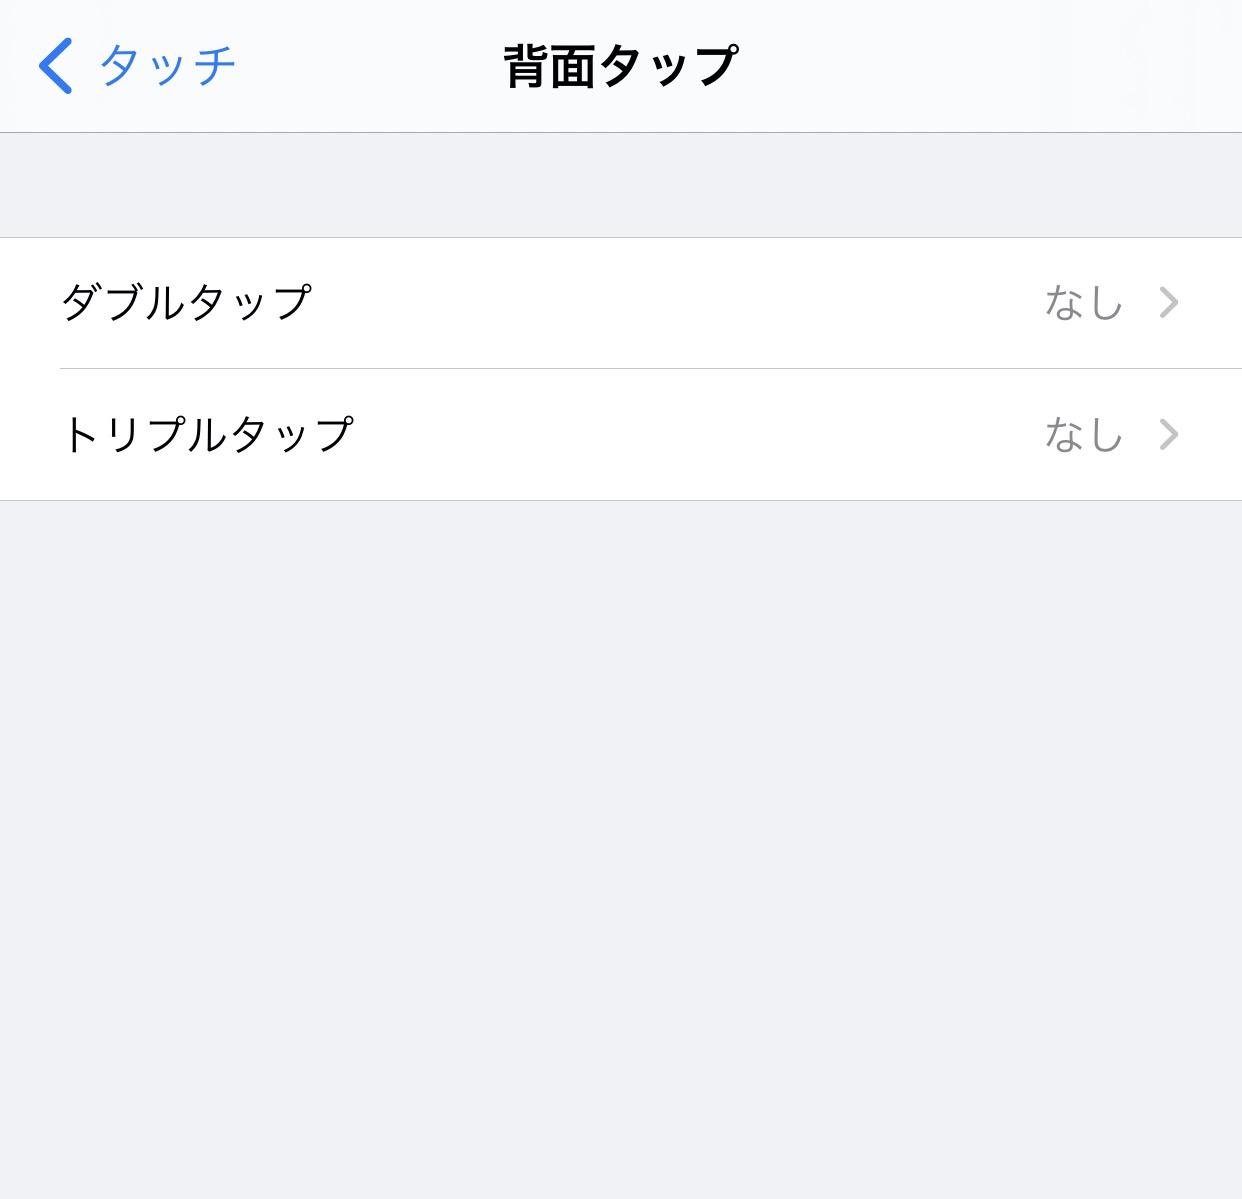 【iOS 14】背中をトントンして機能を呼び出す背面タップ機能の使い方